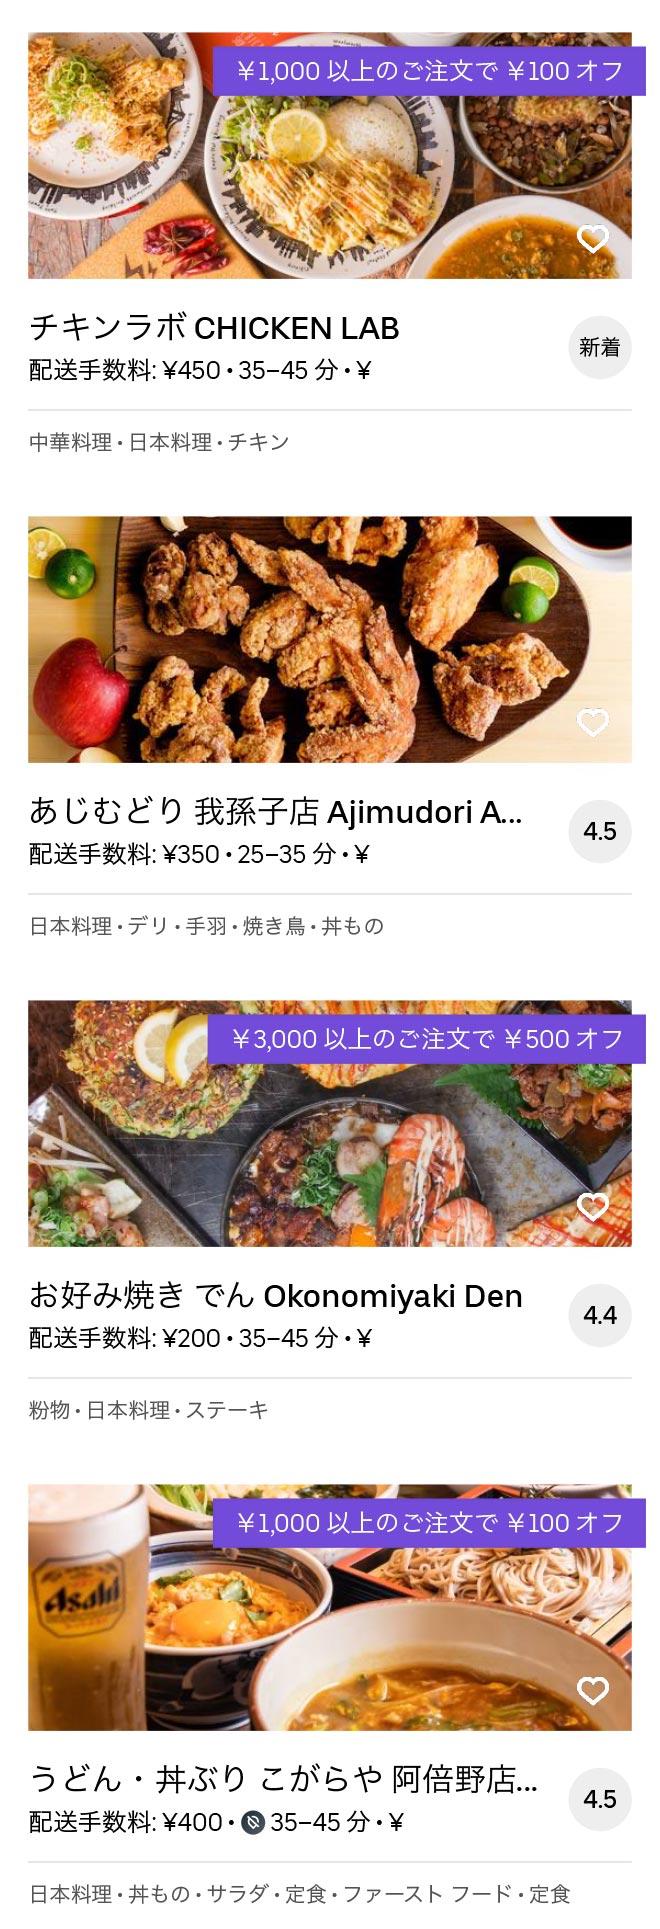 Osaka suminoe menu 2005 10